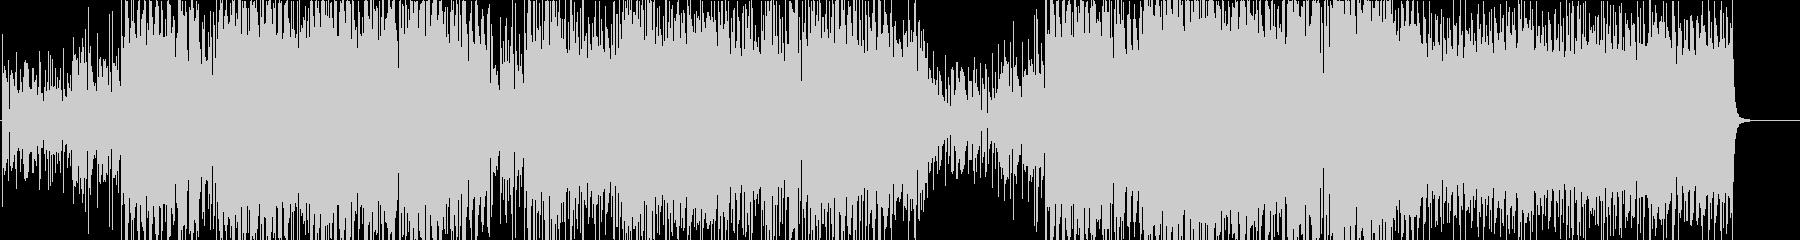 シンセサイザーイージーリスニングの音楽の未再生の波形